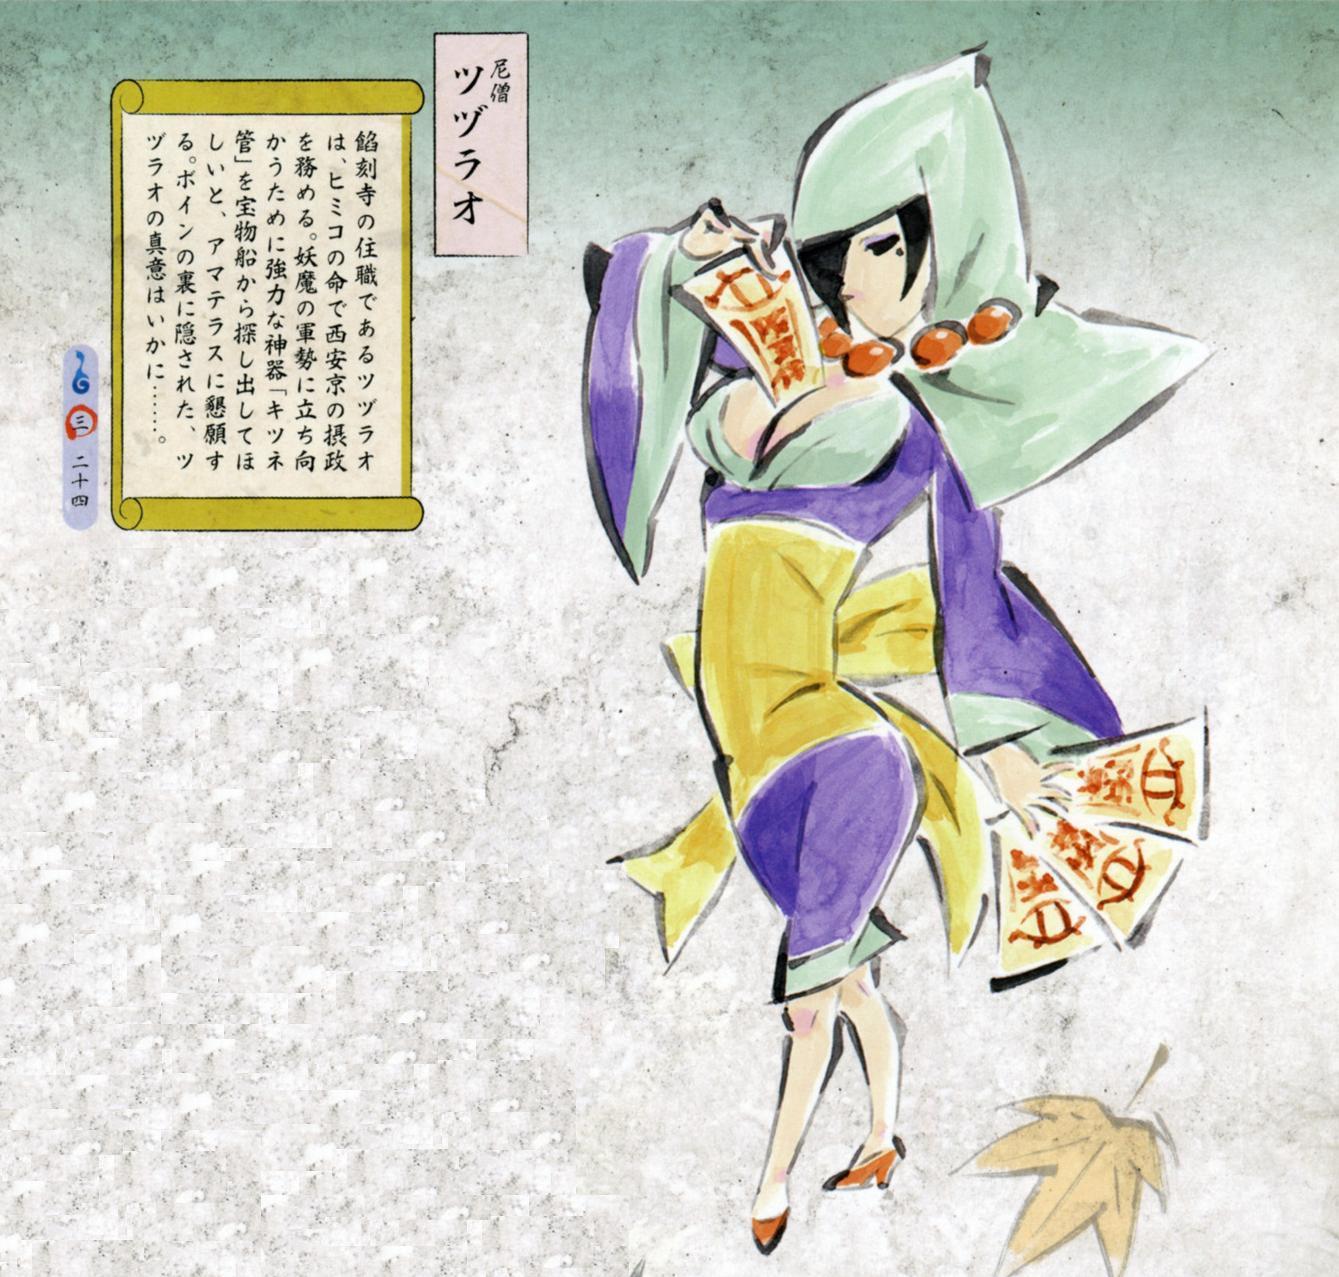 http://lock07.free.fr/Okami/Tsuzurao.JPG